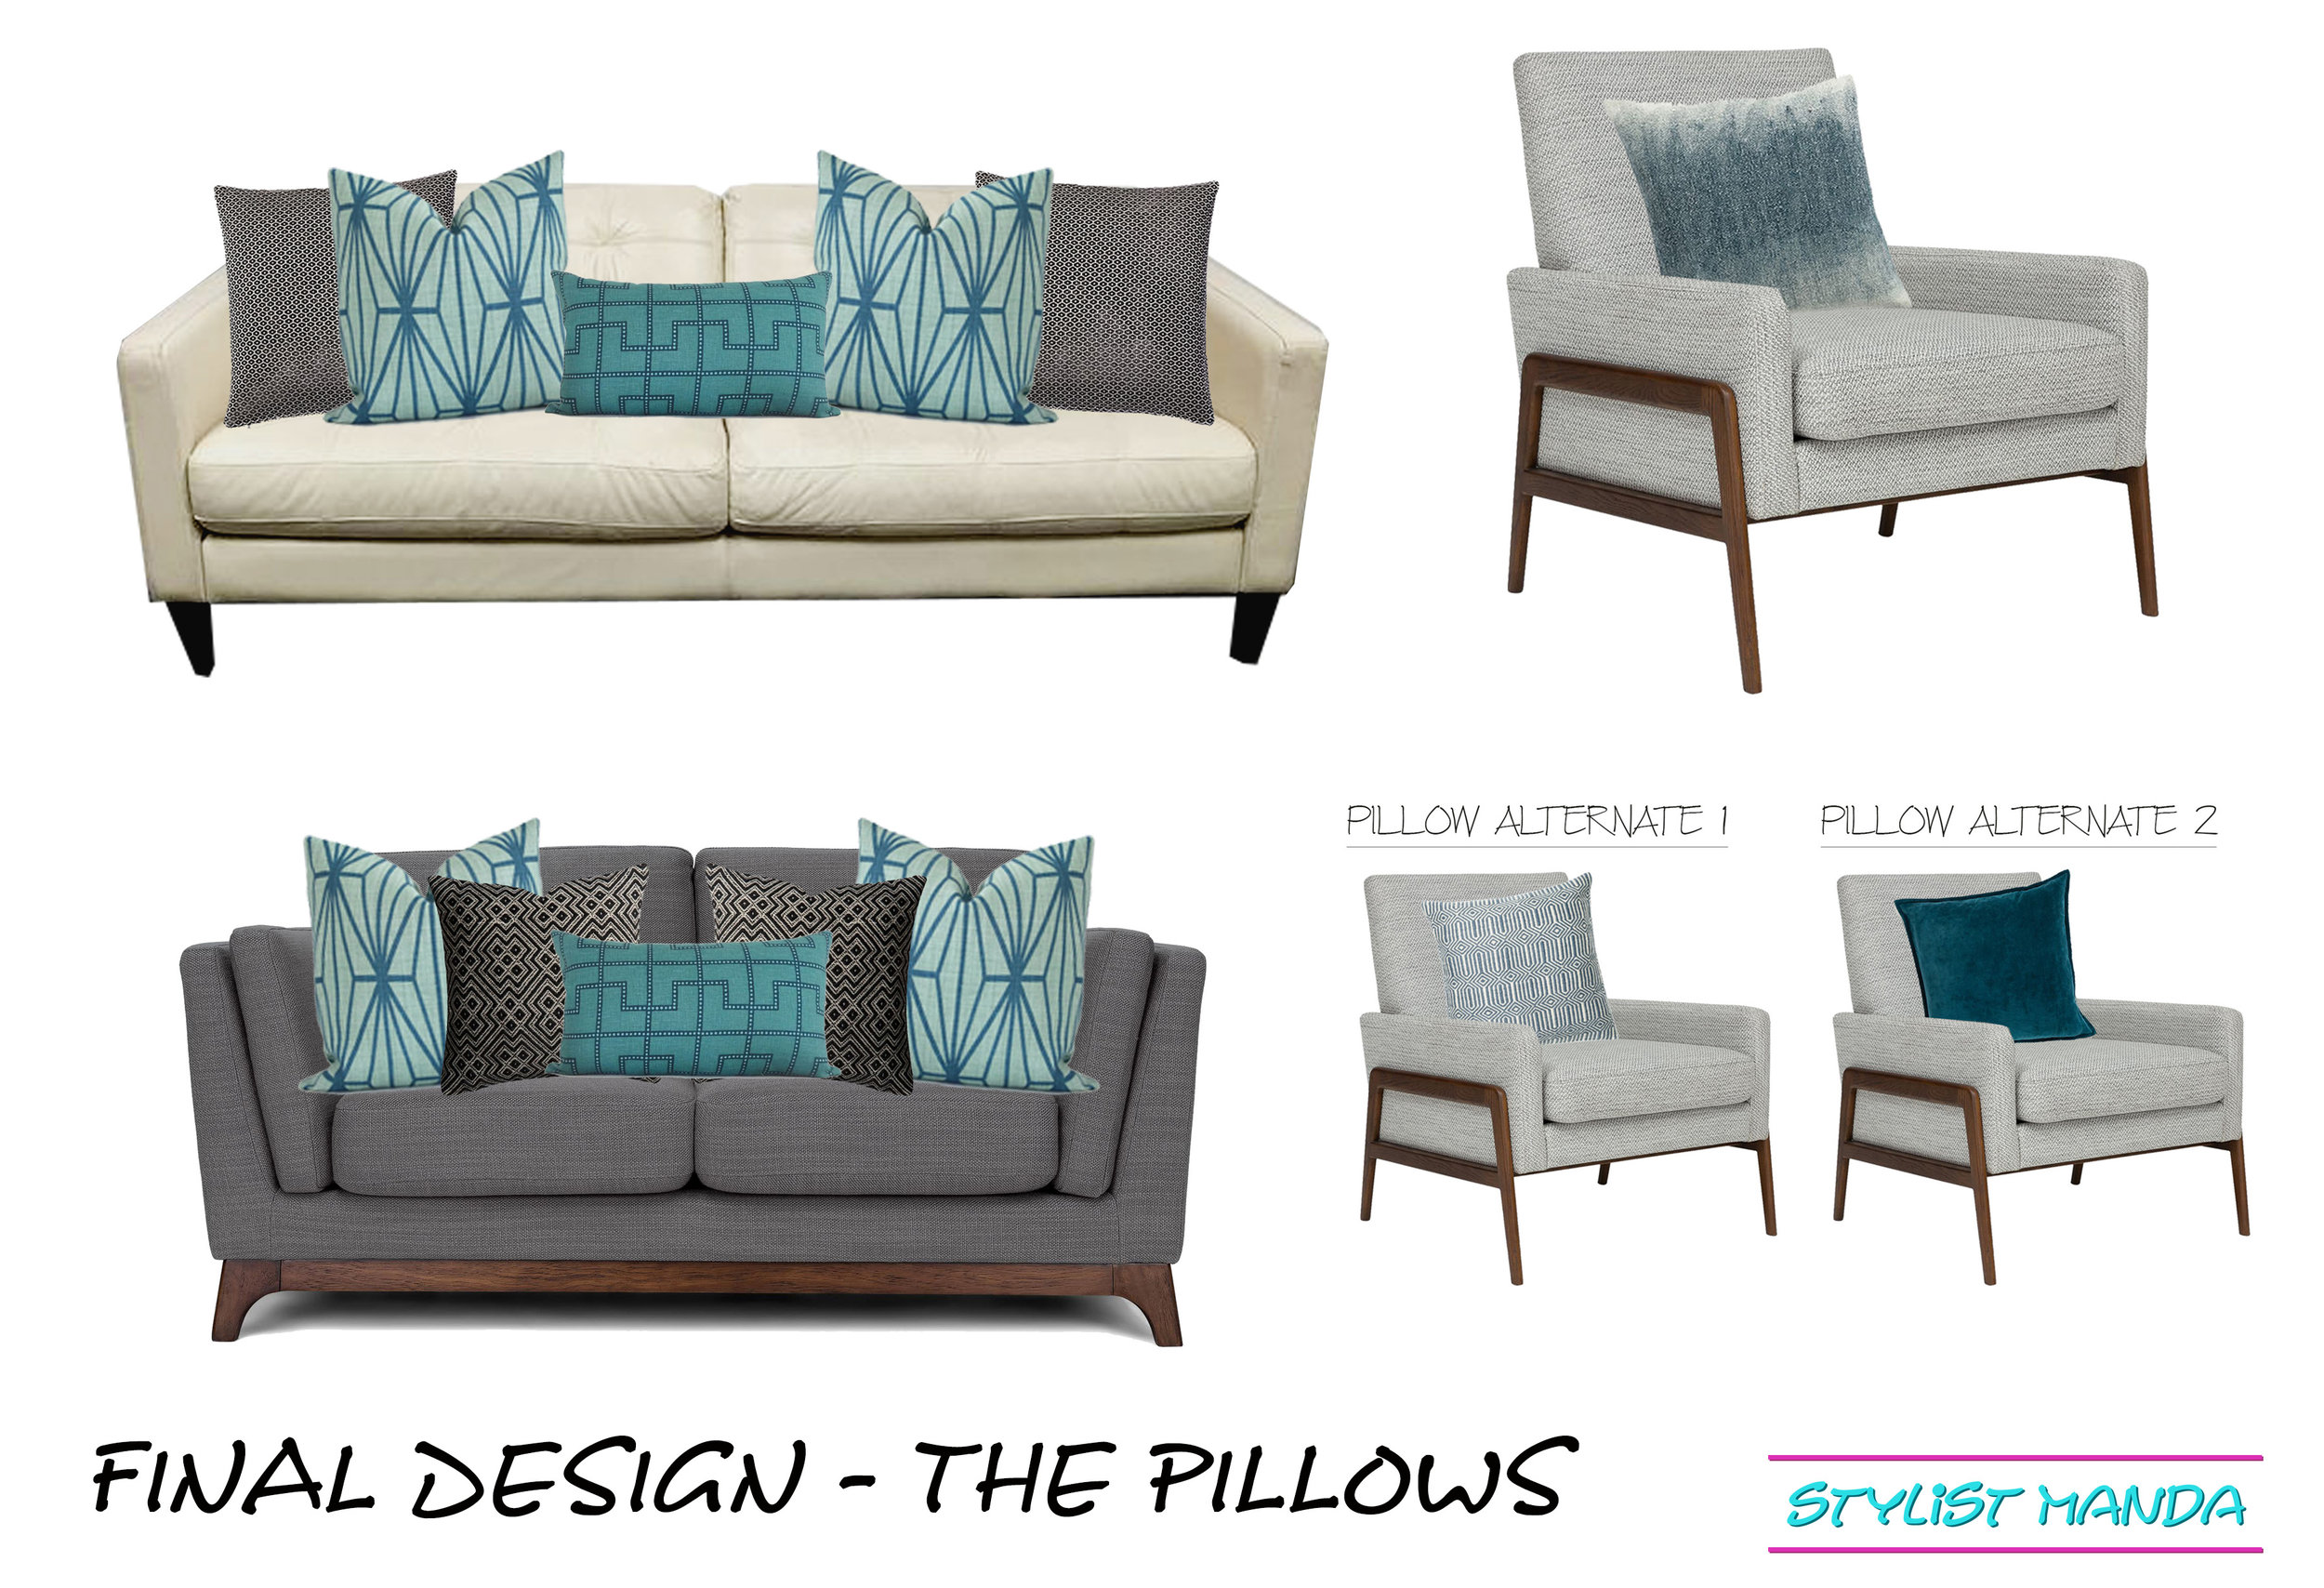 final design sofa pillows example